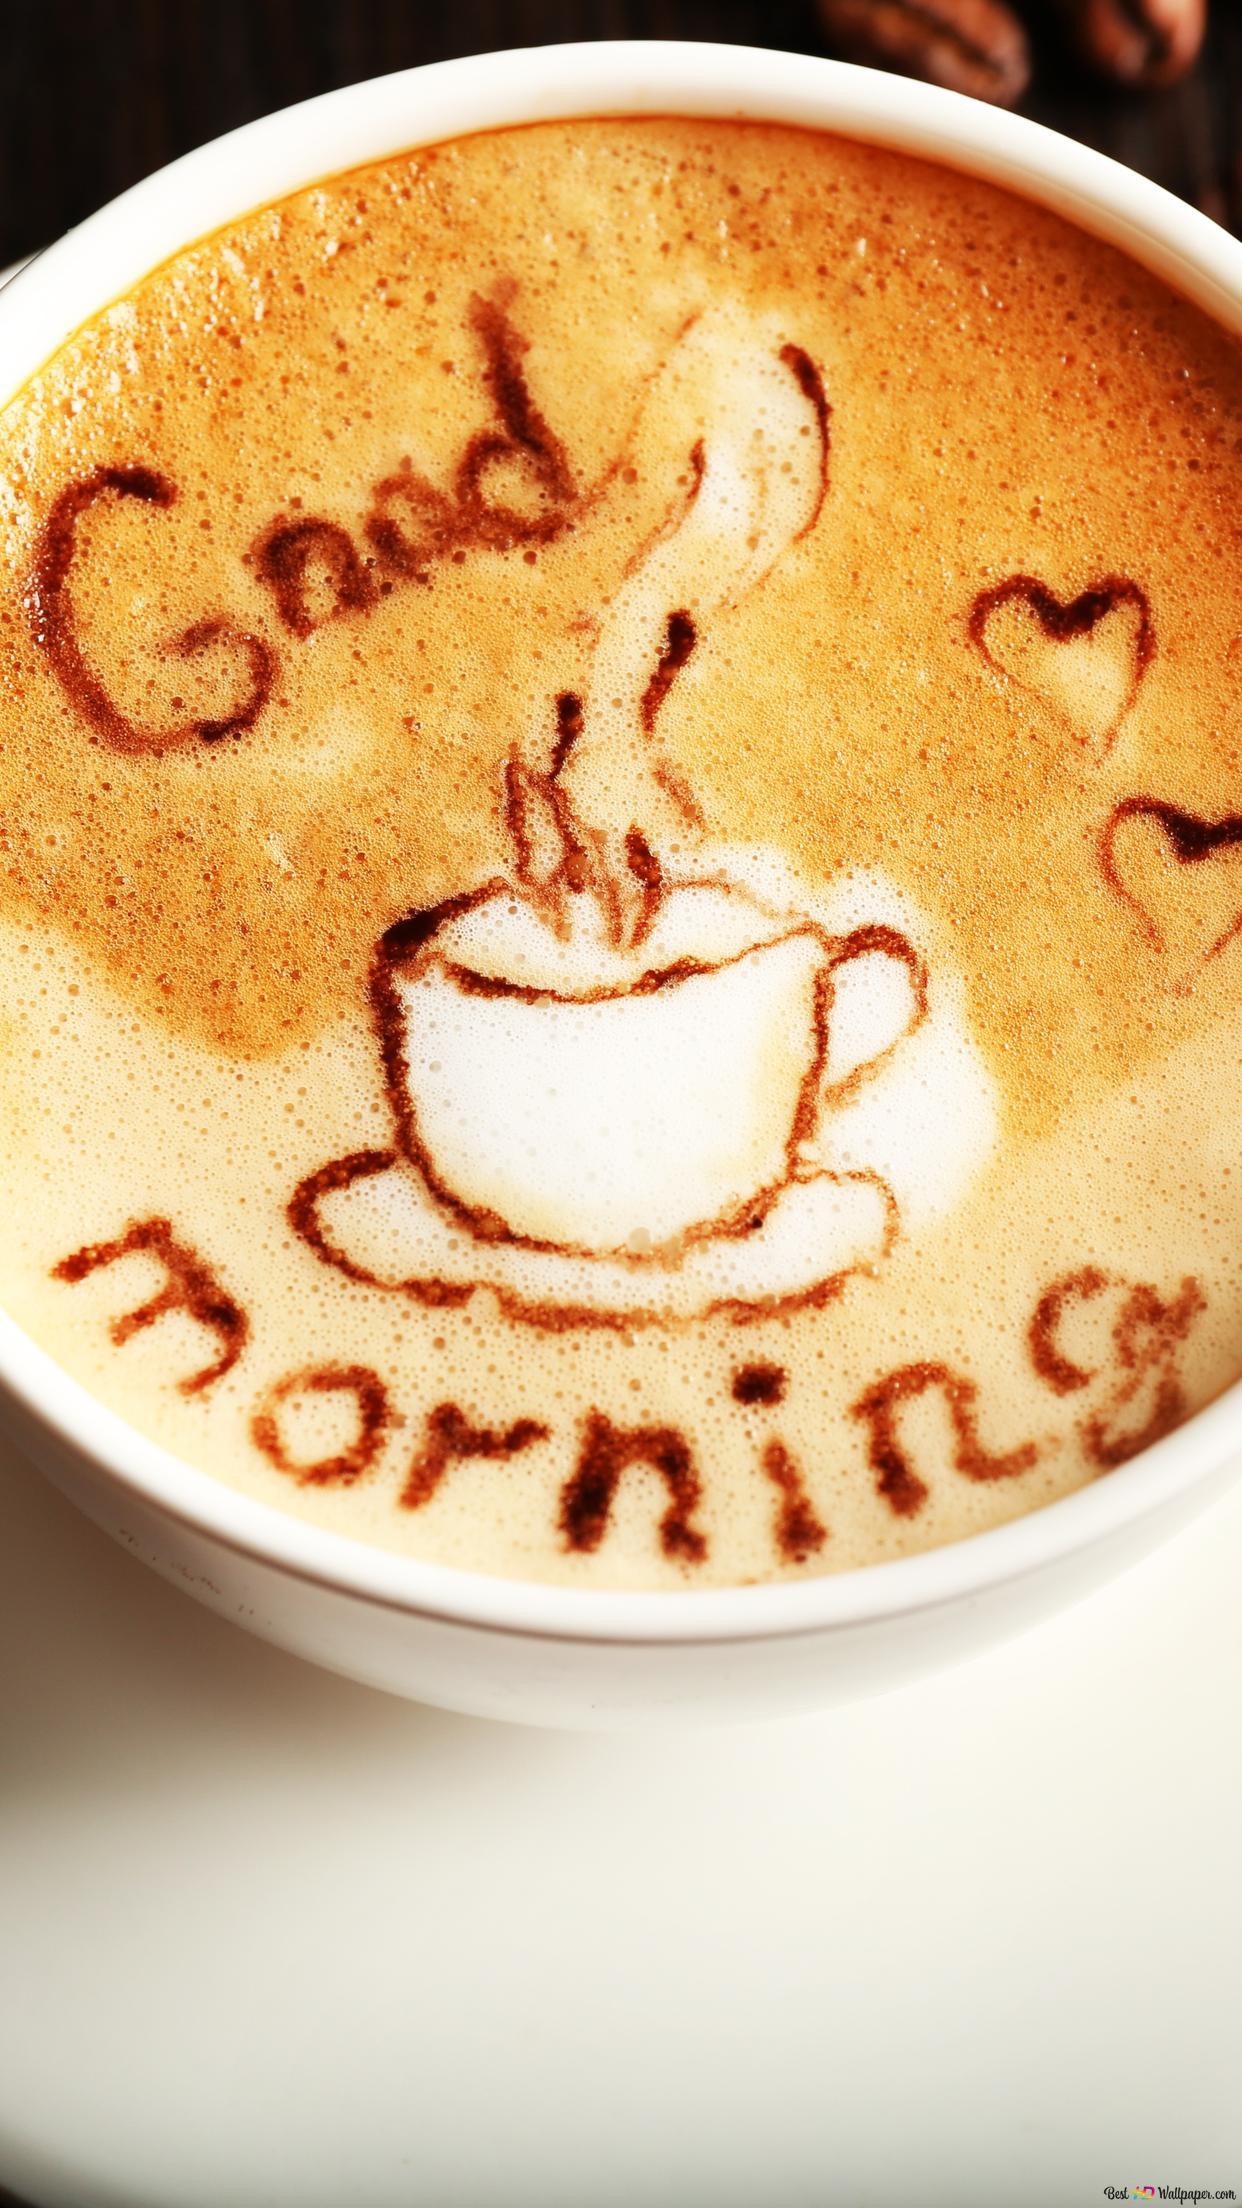 День рождения, картинки с добрым утром и кофе утренняя